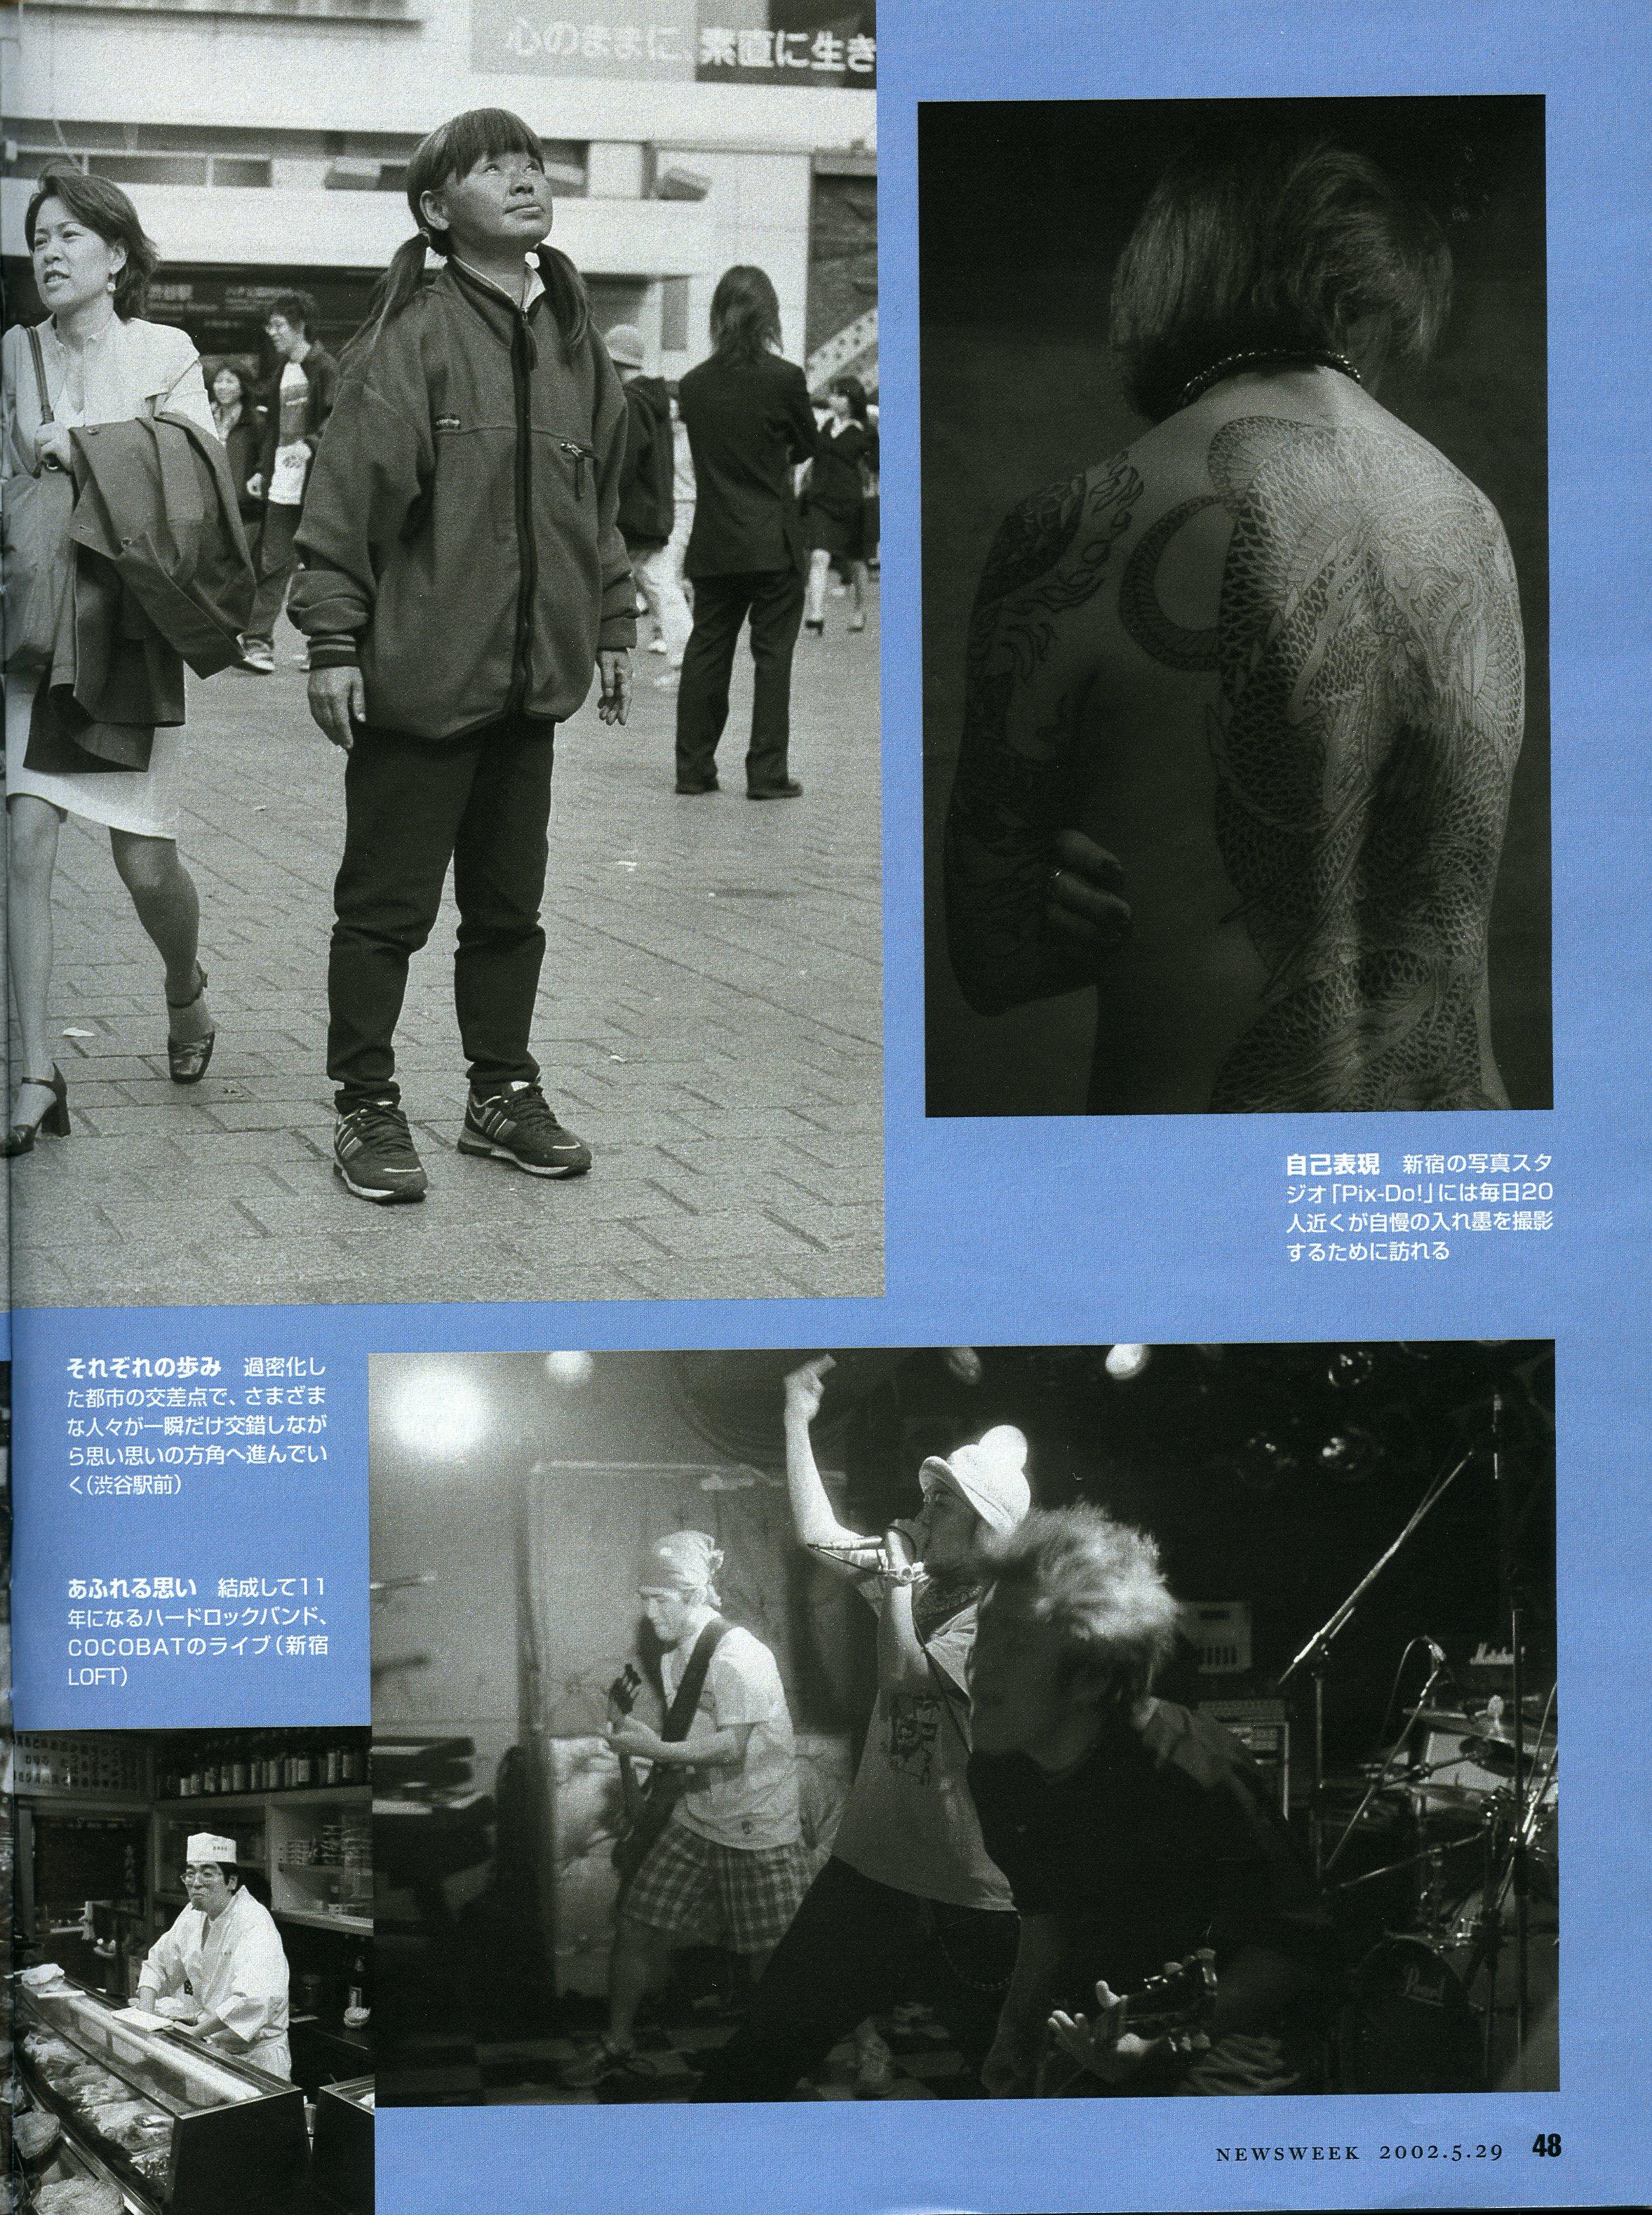 05292002_NEWSWEEK_JAPAN_11.jpg